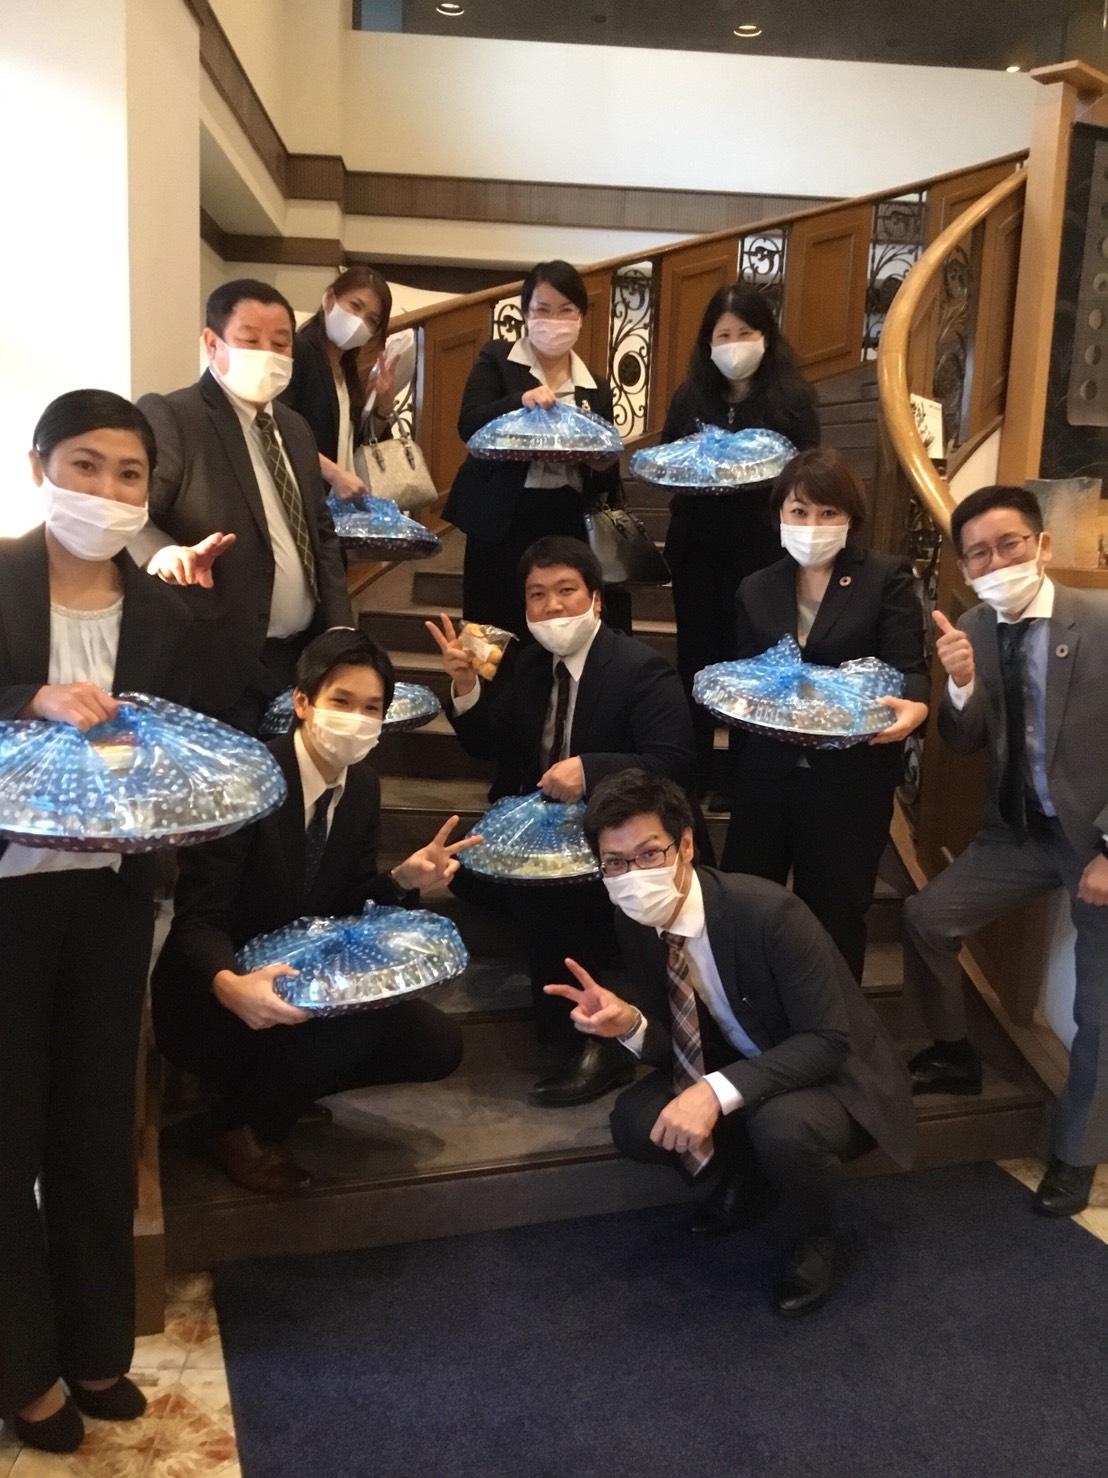 キムタカ税理士法人様 株式会社キムタカ経営様 ご利用ありがとうございました。会議室 オードブル